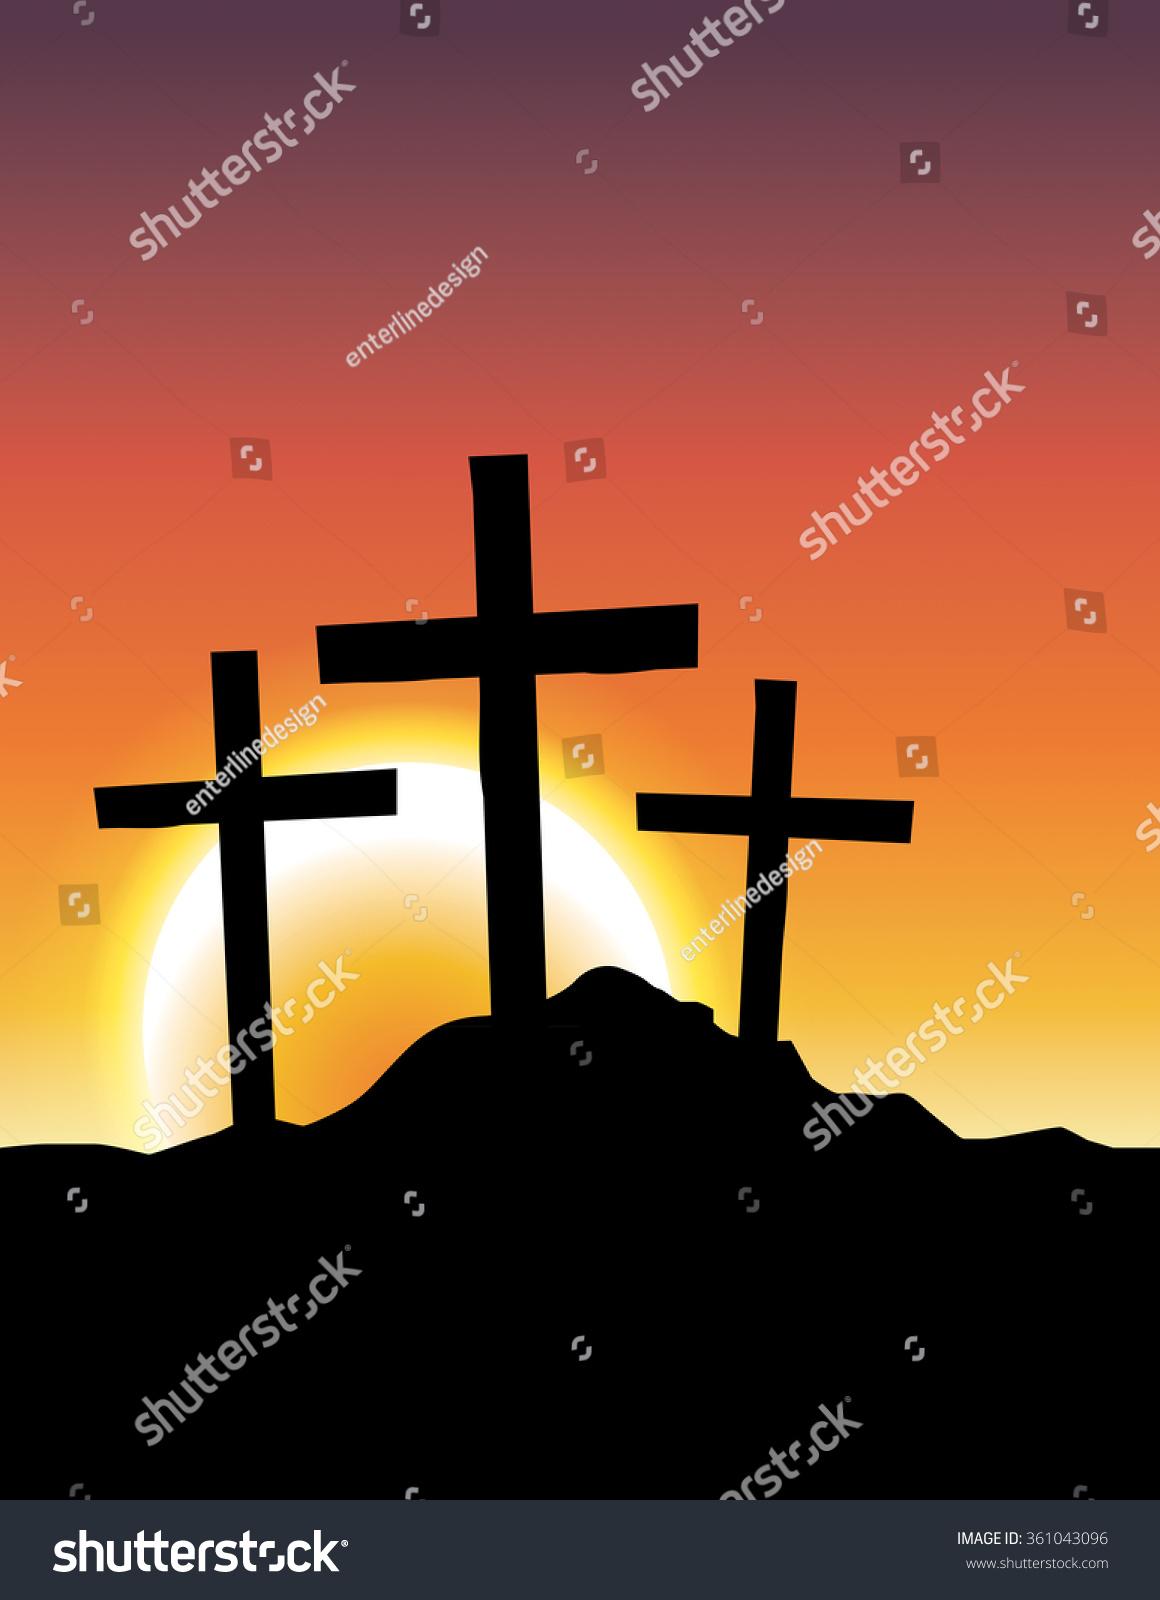 基督教十字架十字架剪影插图广告一次日出或日落.矢量图片